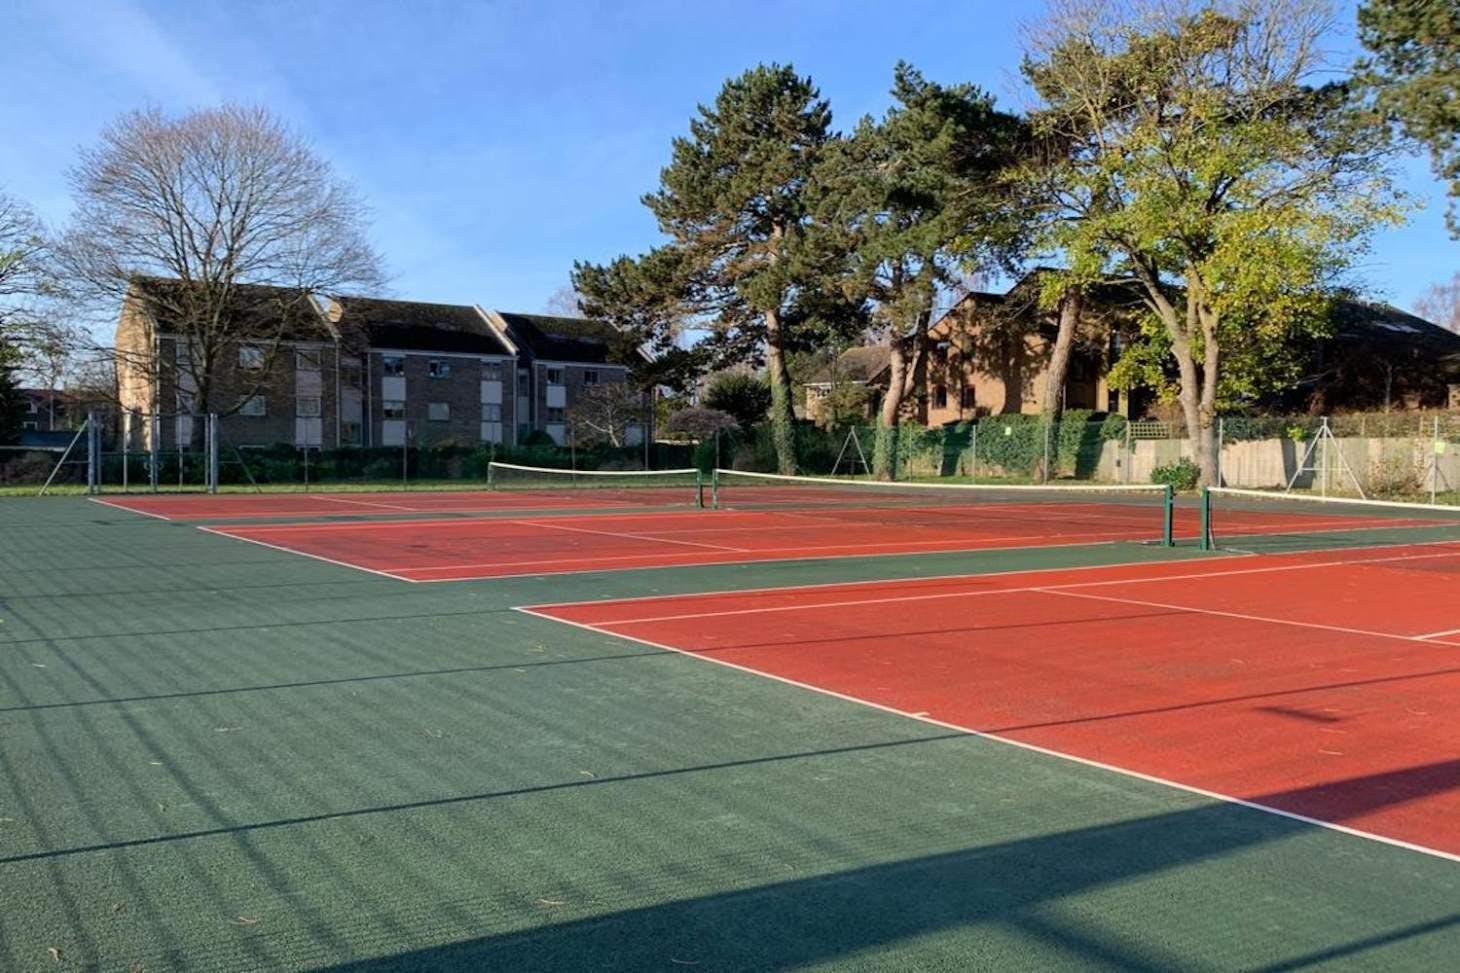 Alexandra Park Outdoor | Hard (macadam) tennis court